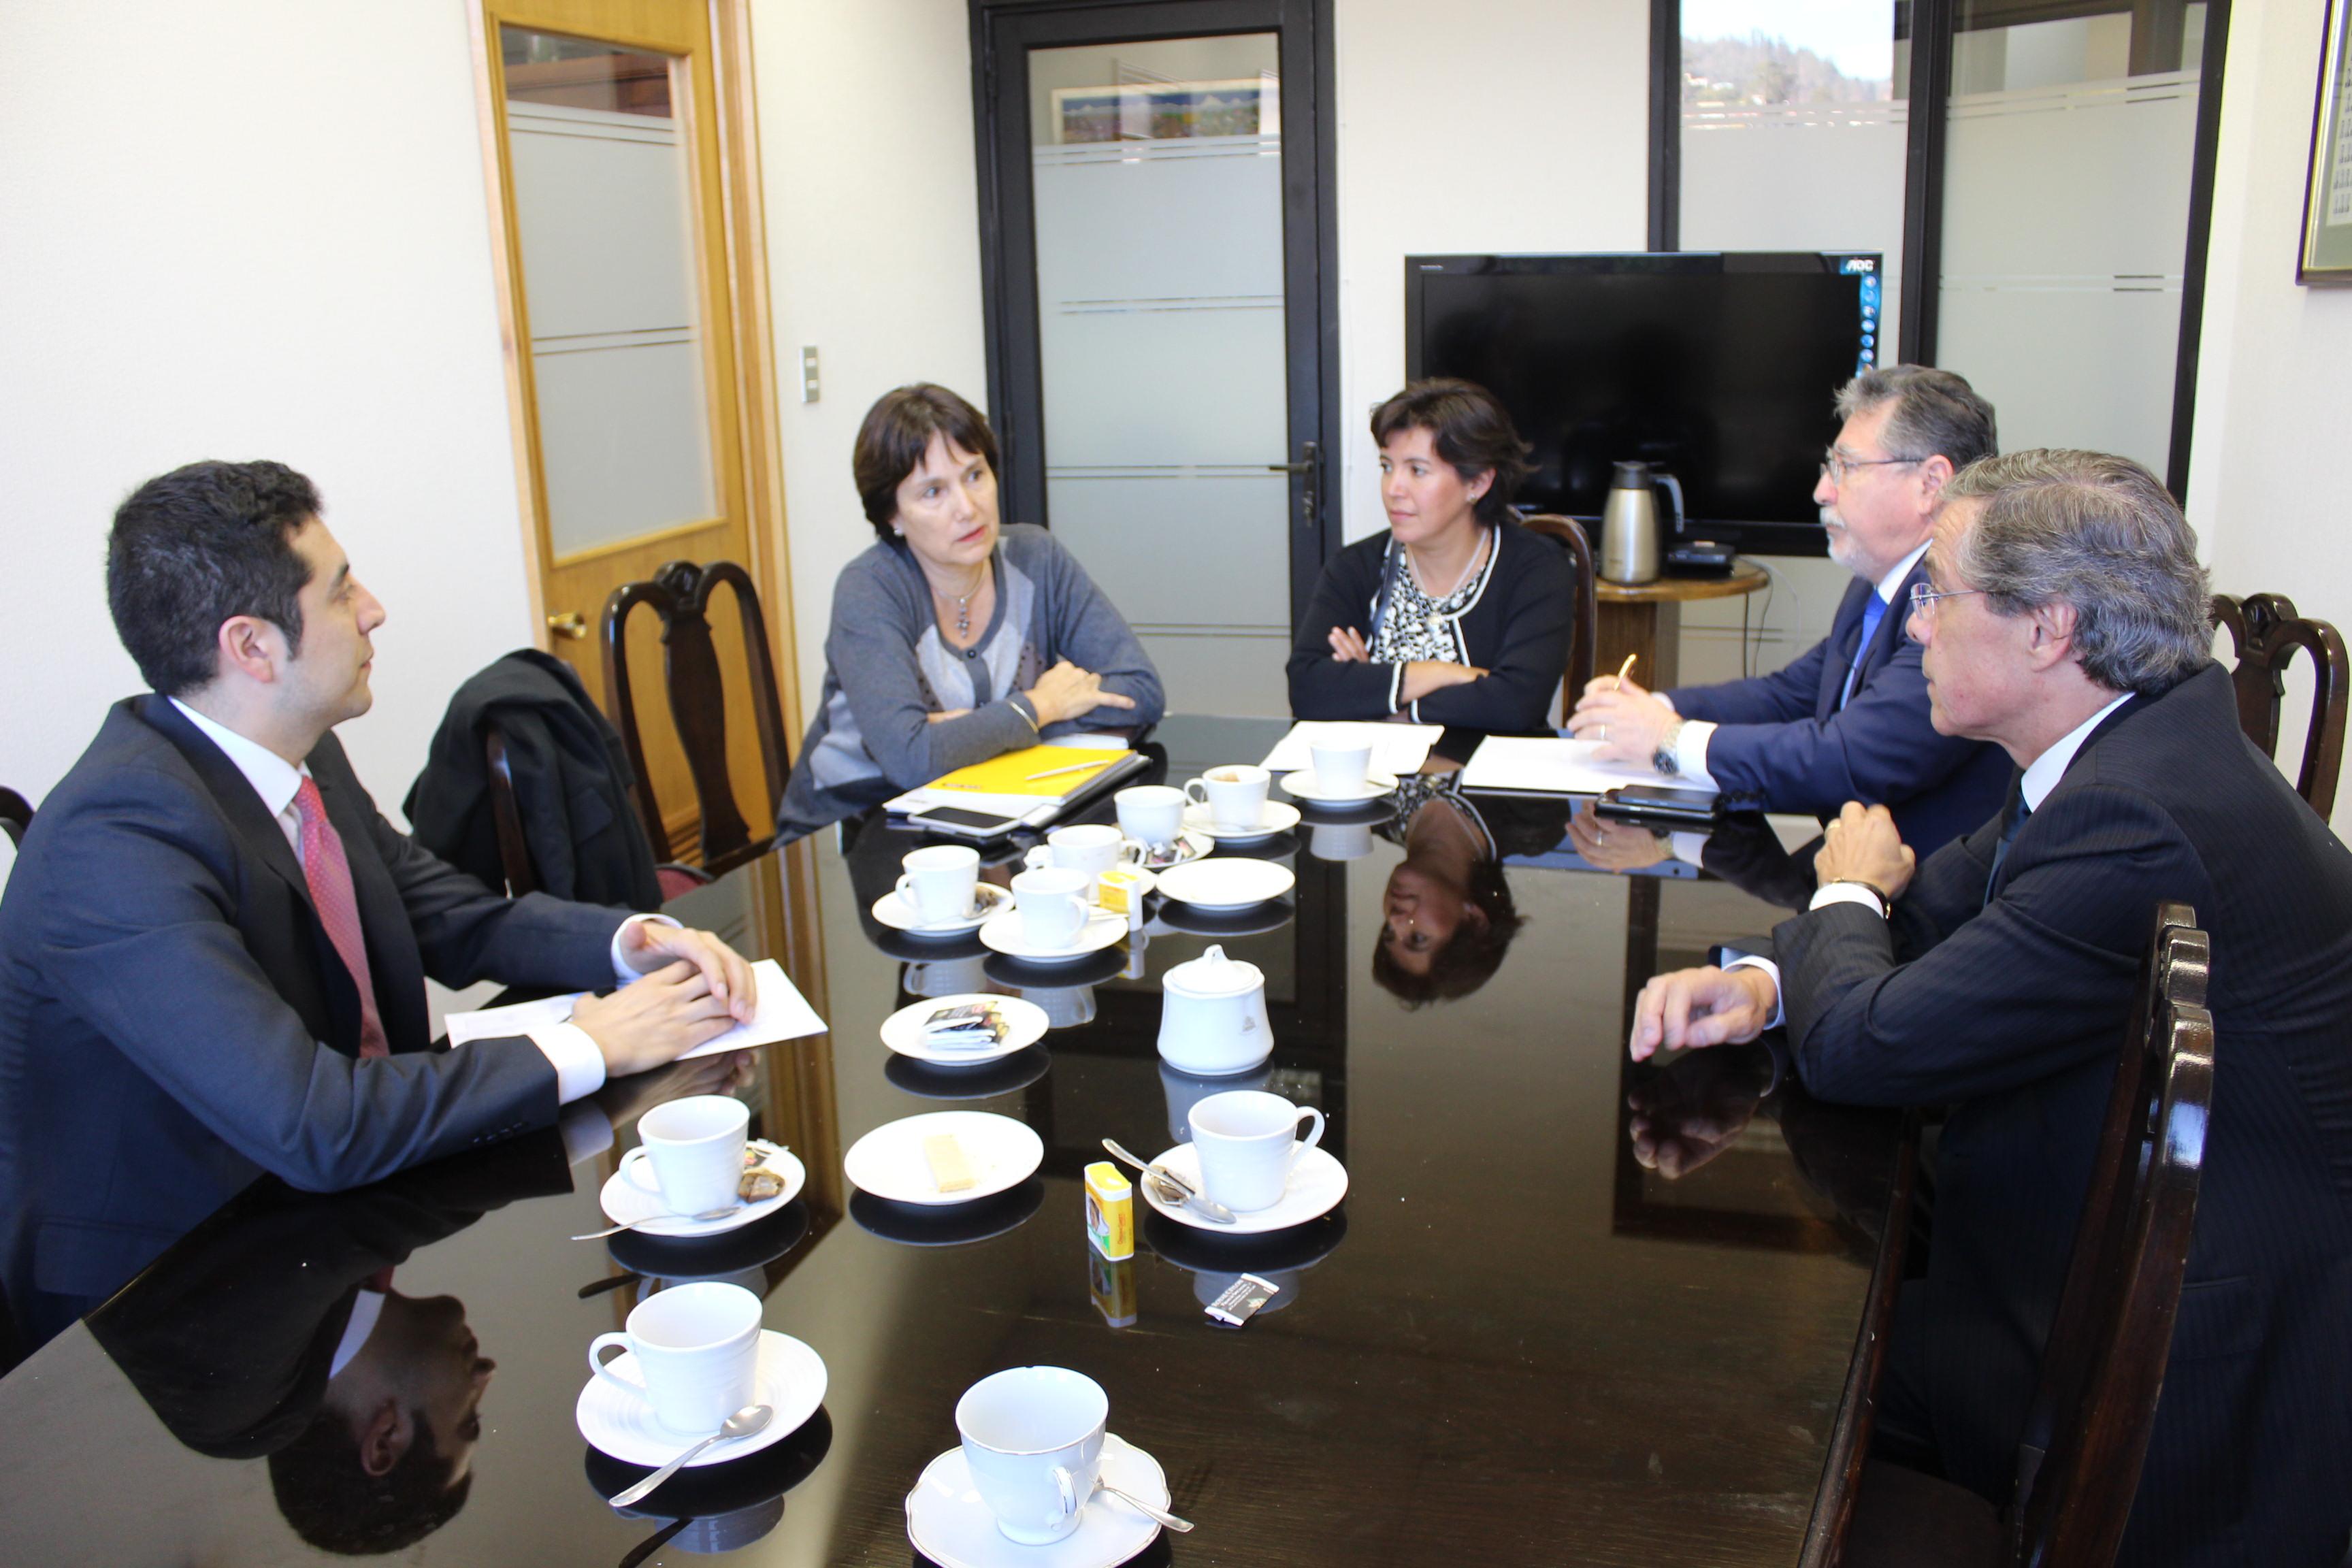 Diputada Provoste y Ministra de Salud concretan avances para disminuir listas de espera y agilizar infraestructura sanitaria en Atacama